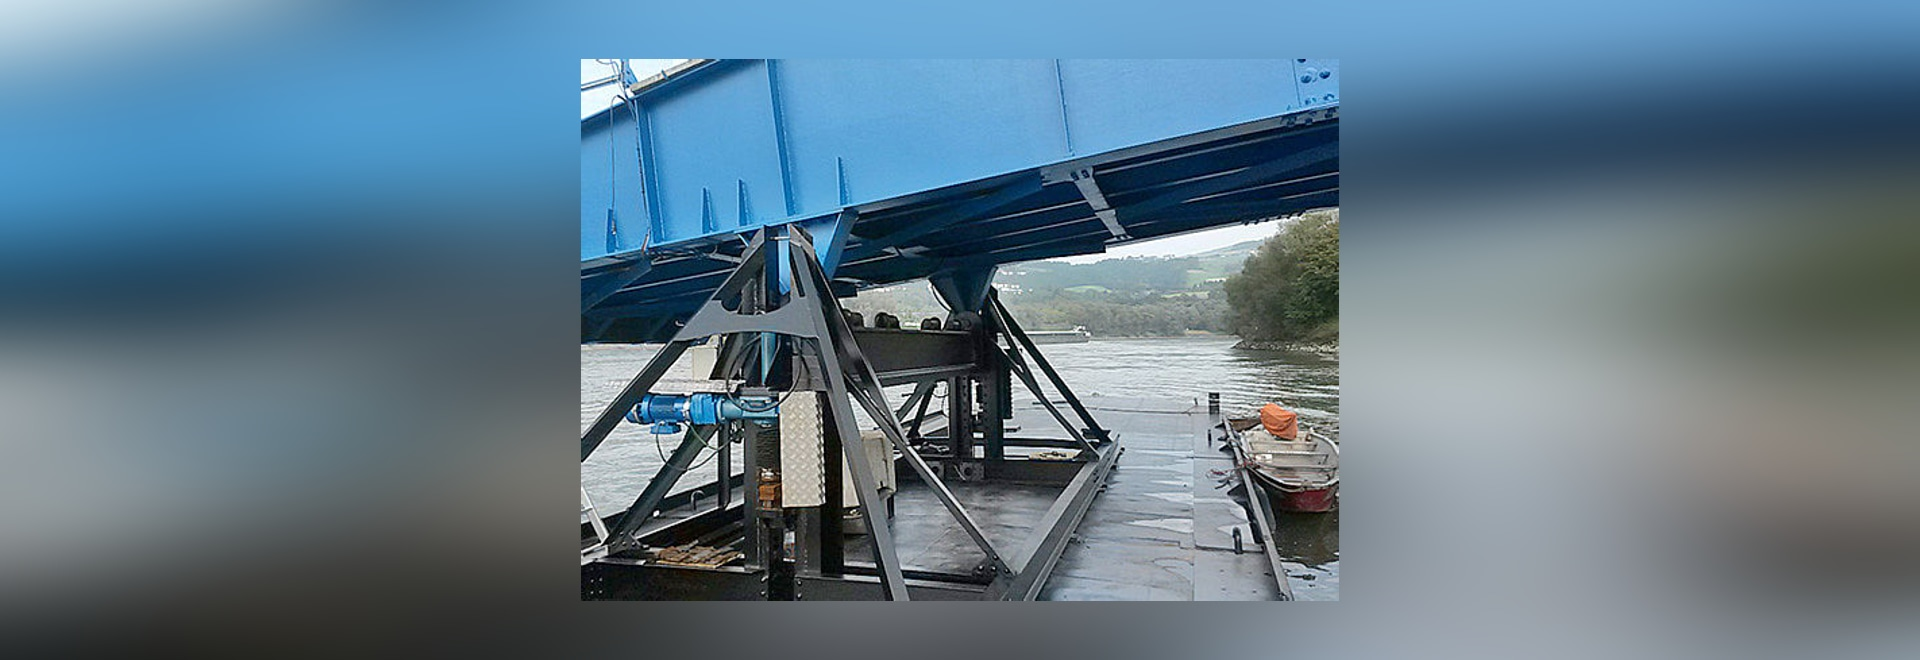 Spindelhubgetriebe: Umrüstung einer Landebrücke